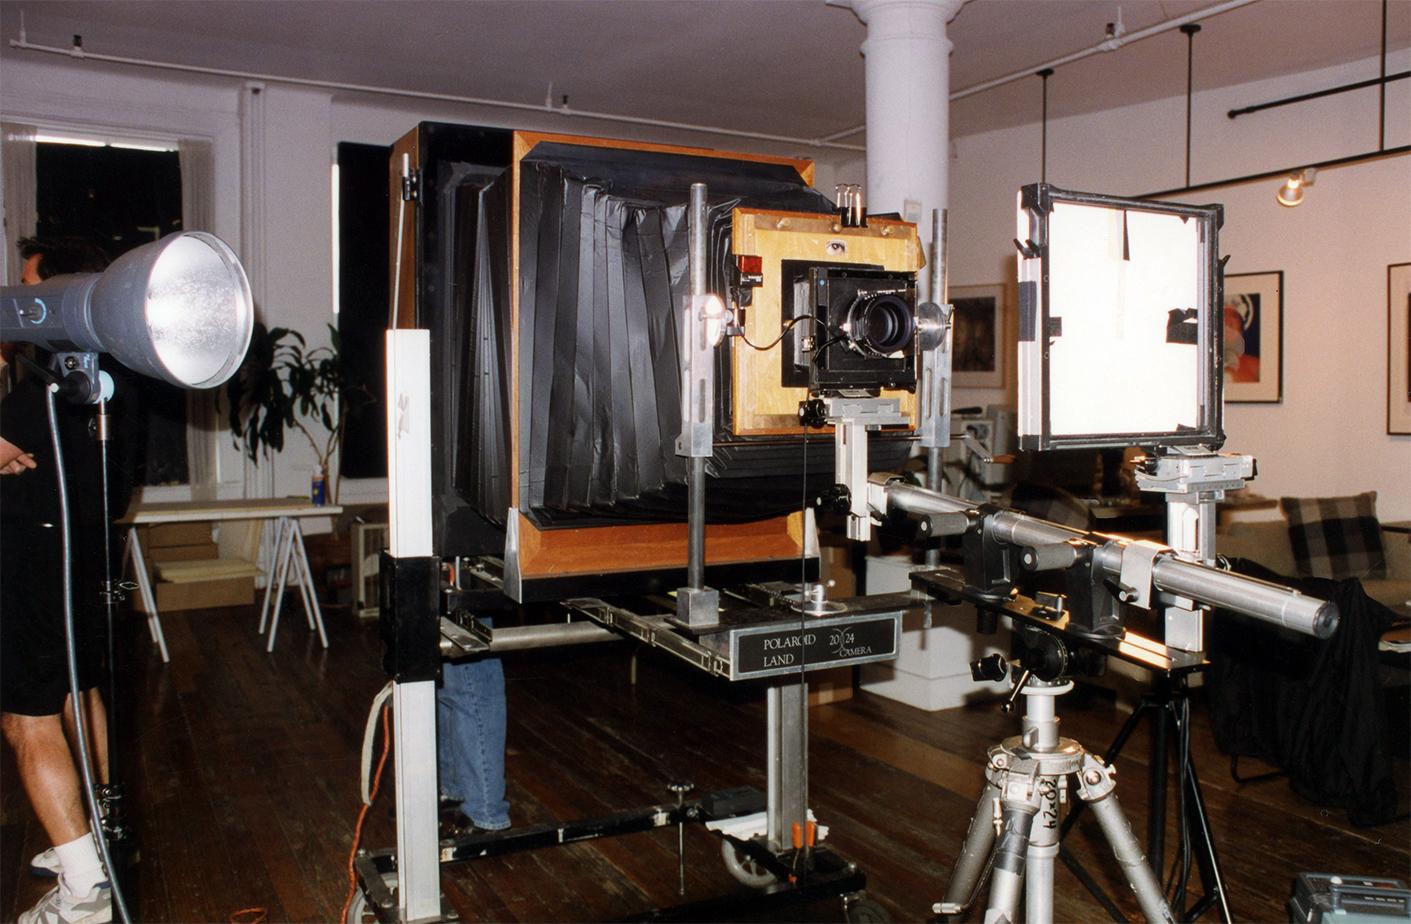 20x24 Polaroid Camera set up NY City, 1998